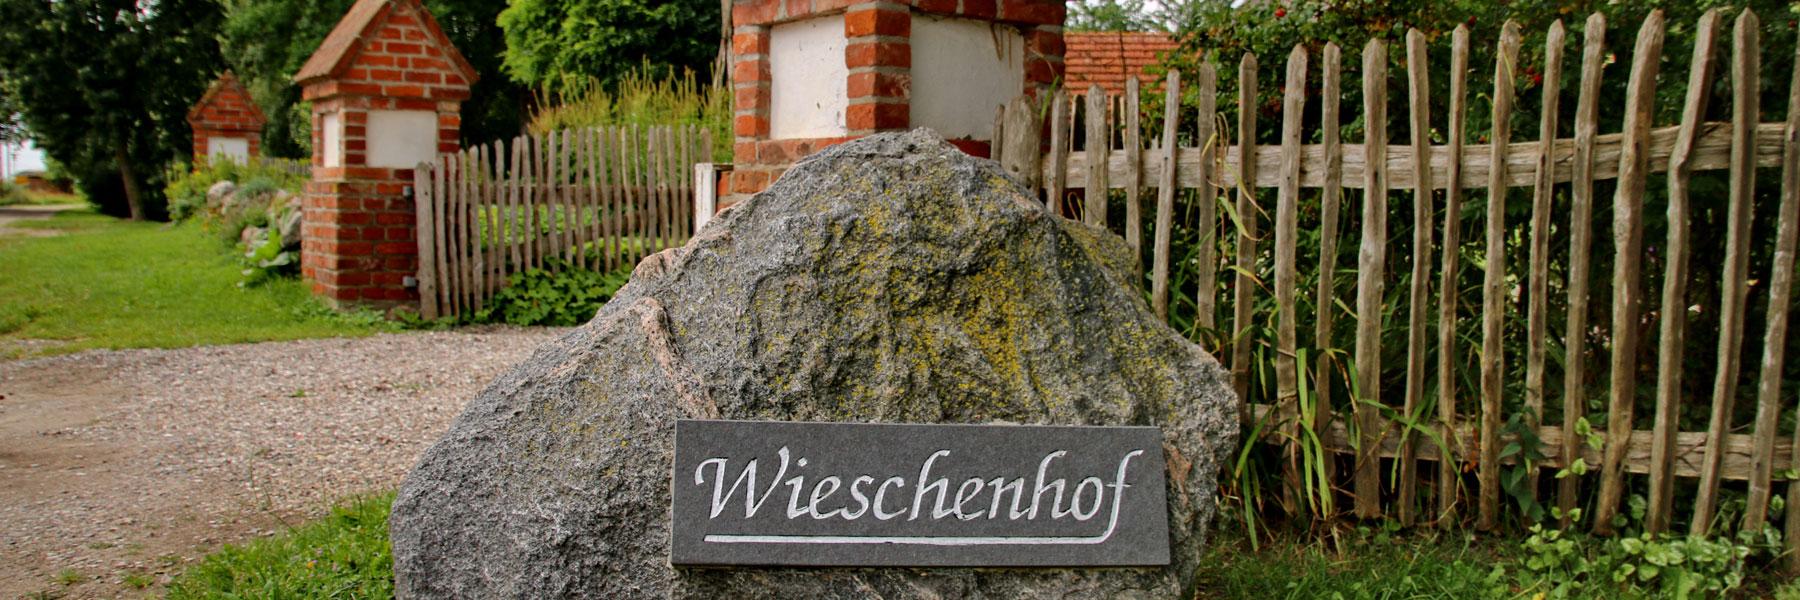 Eingangstor - Der Wieschenhof